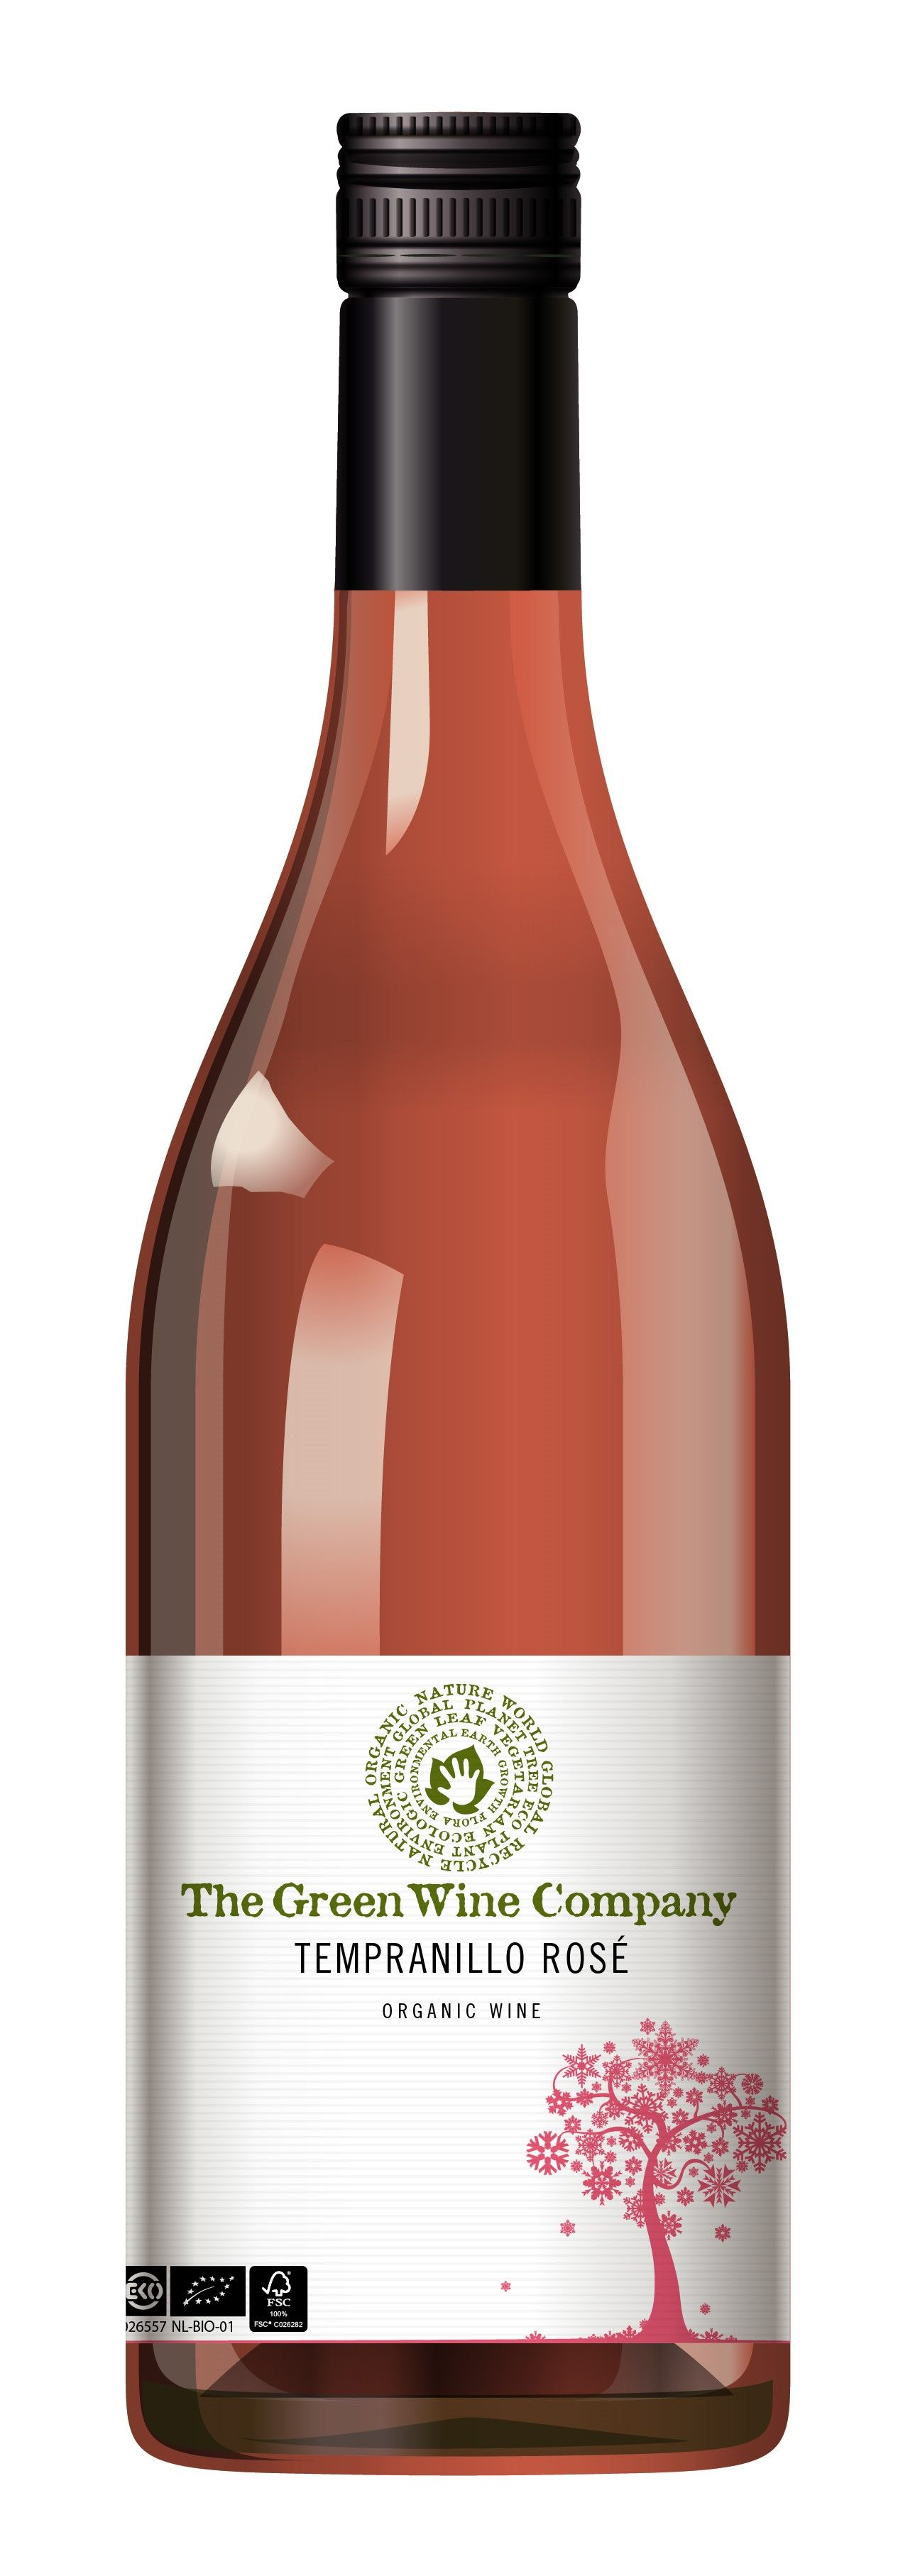 Green Wine Company Bio Rose Delcave Wine Organic Wine Wine Bottle